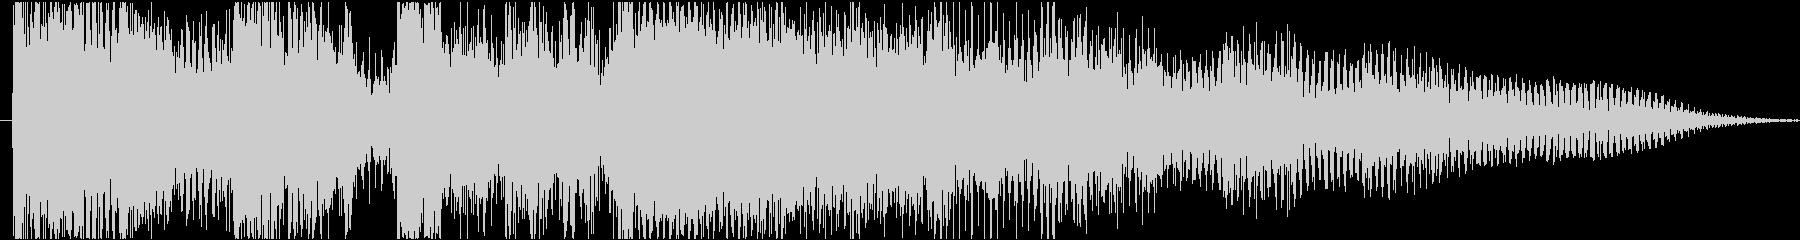 クラシックなロック/ロカビリーとク...の未再生の波形